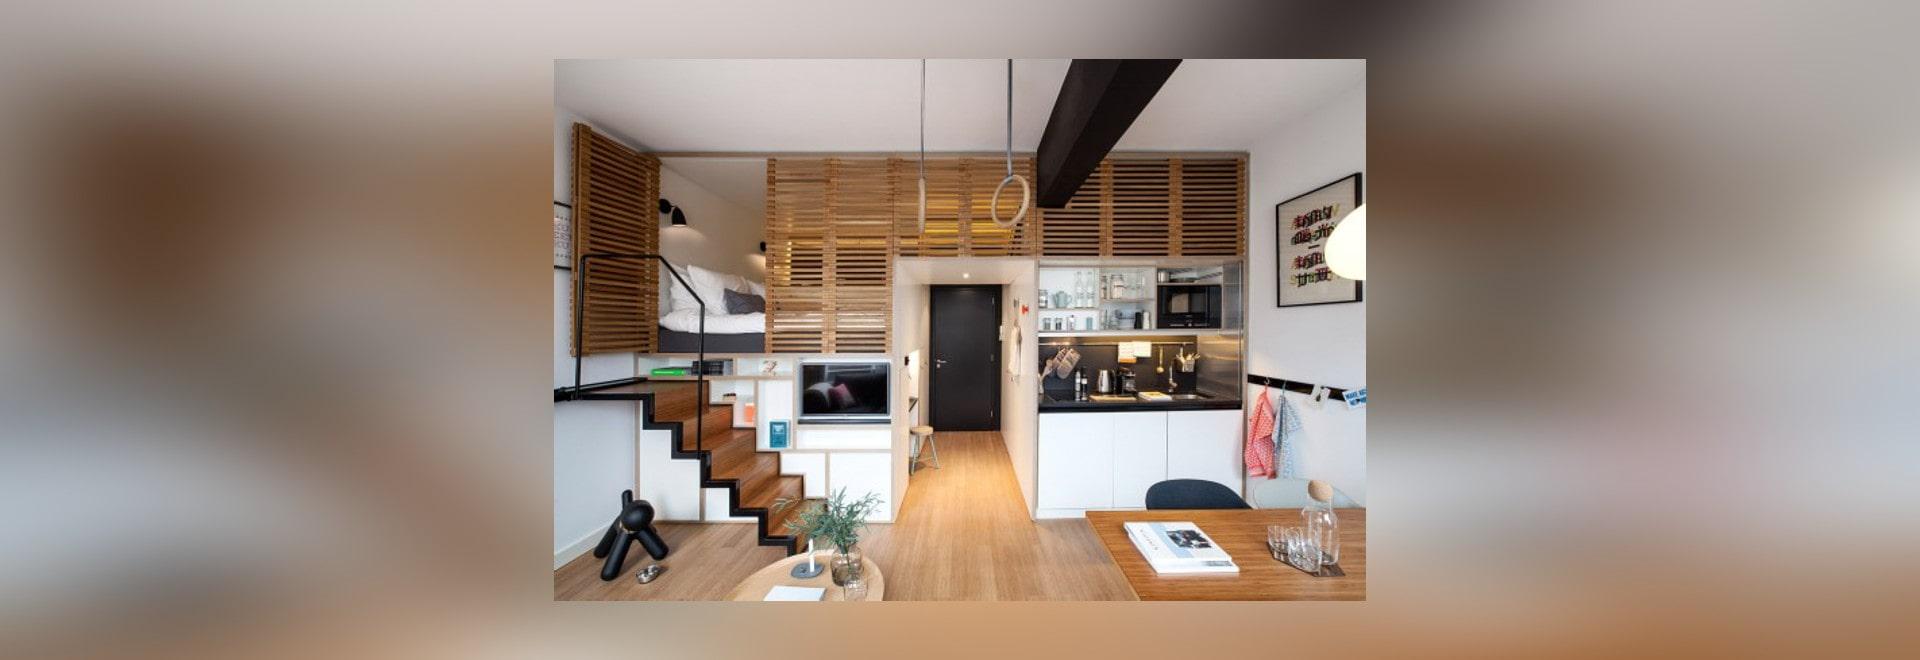 4 ehrfürchtige kleine Studio-Wohnungen mit Lofted Betten - United ...